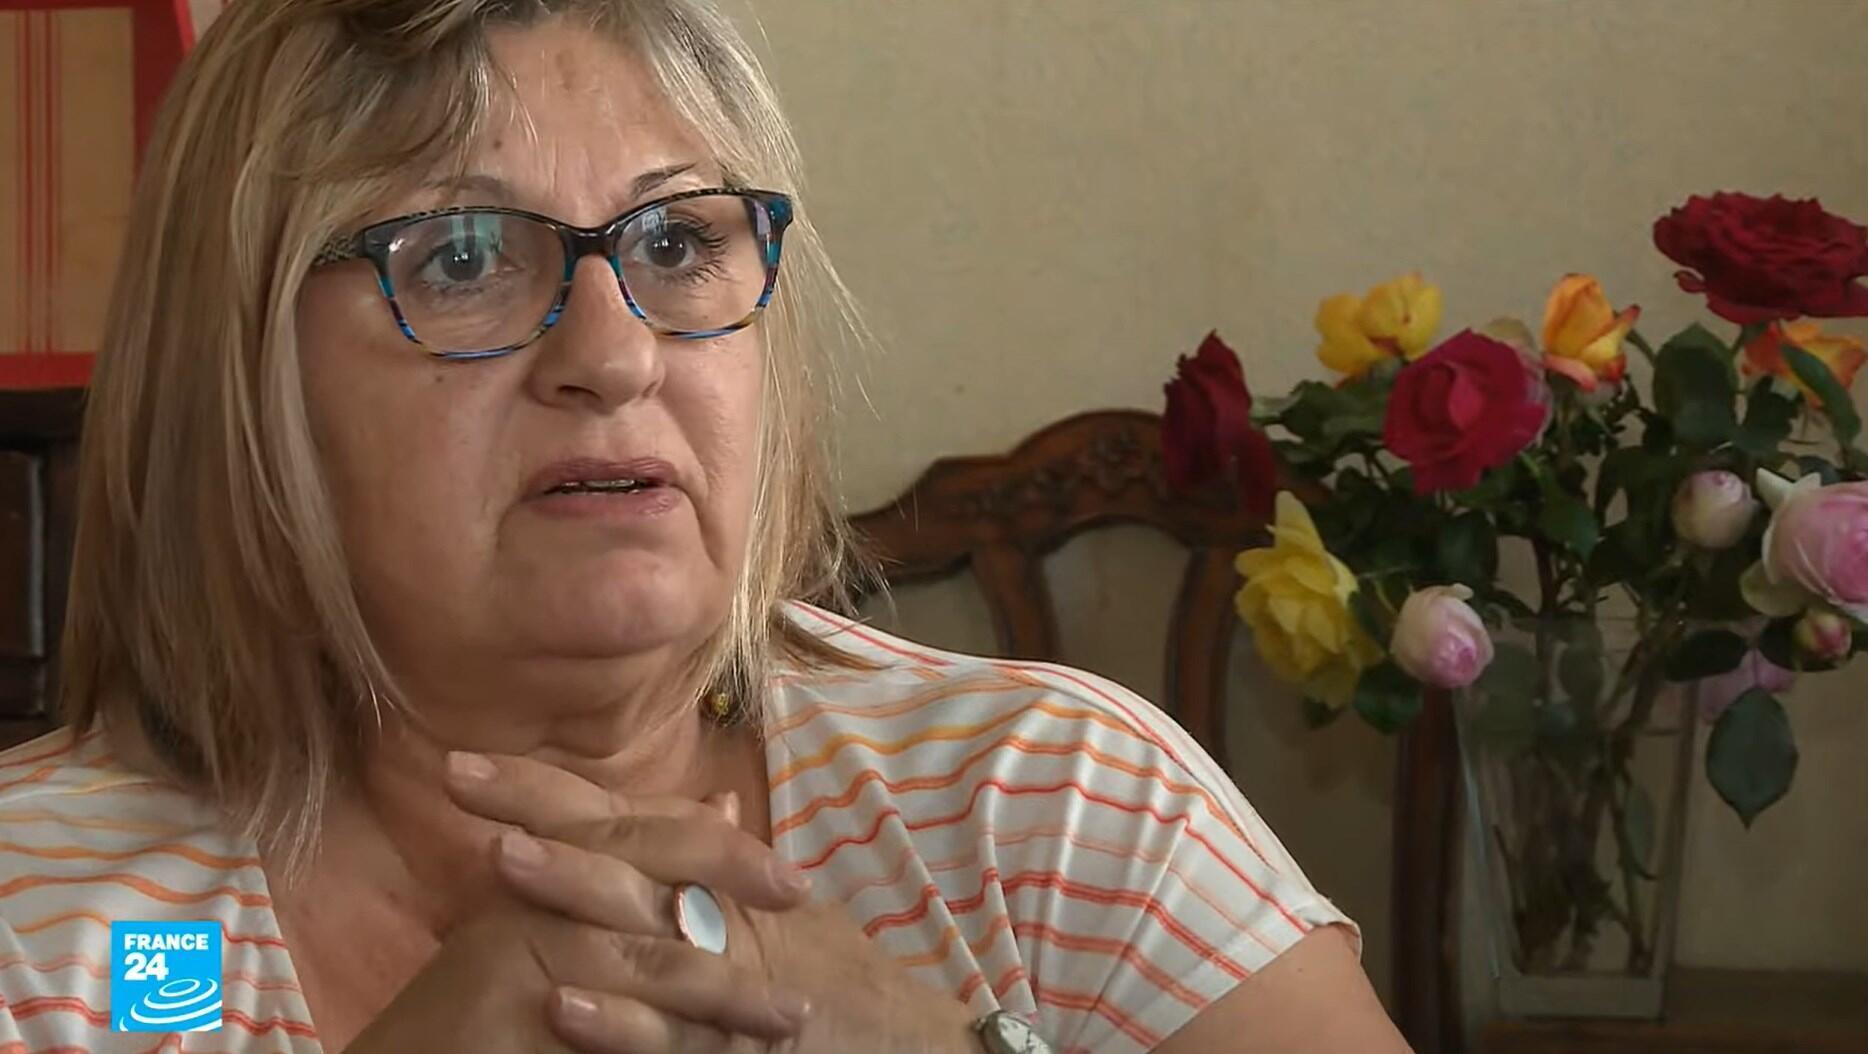 سيدة فرنسية تتحدث عن ما بعد رفع الحجر في البلاد